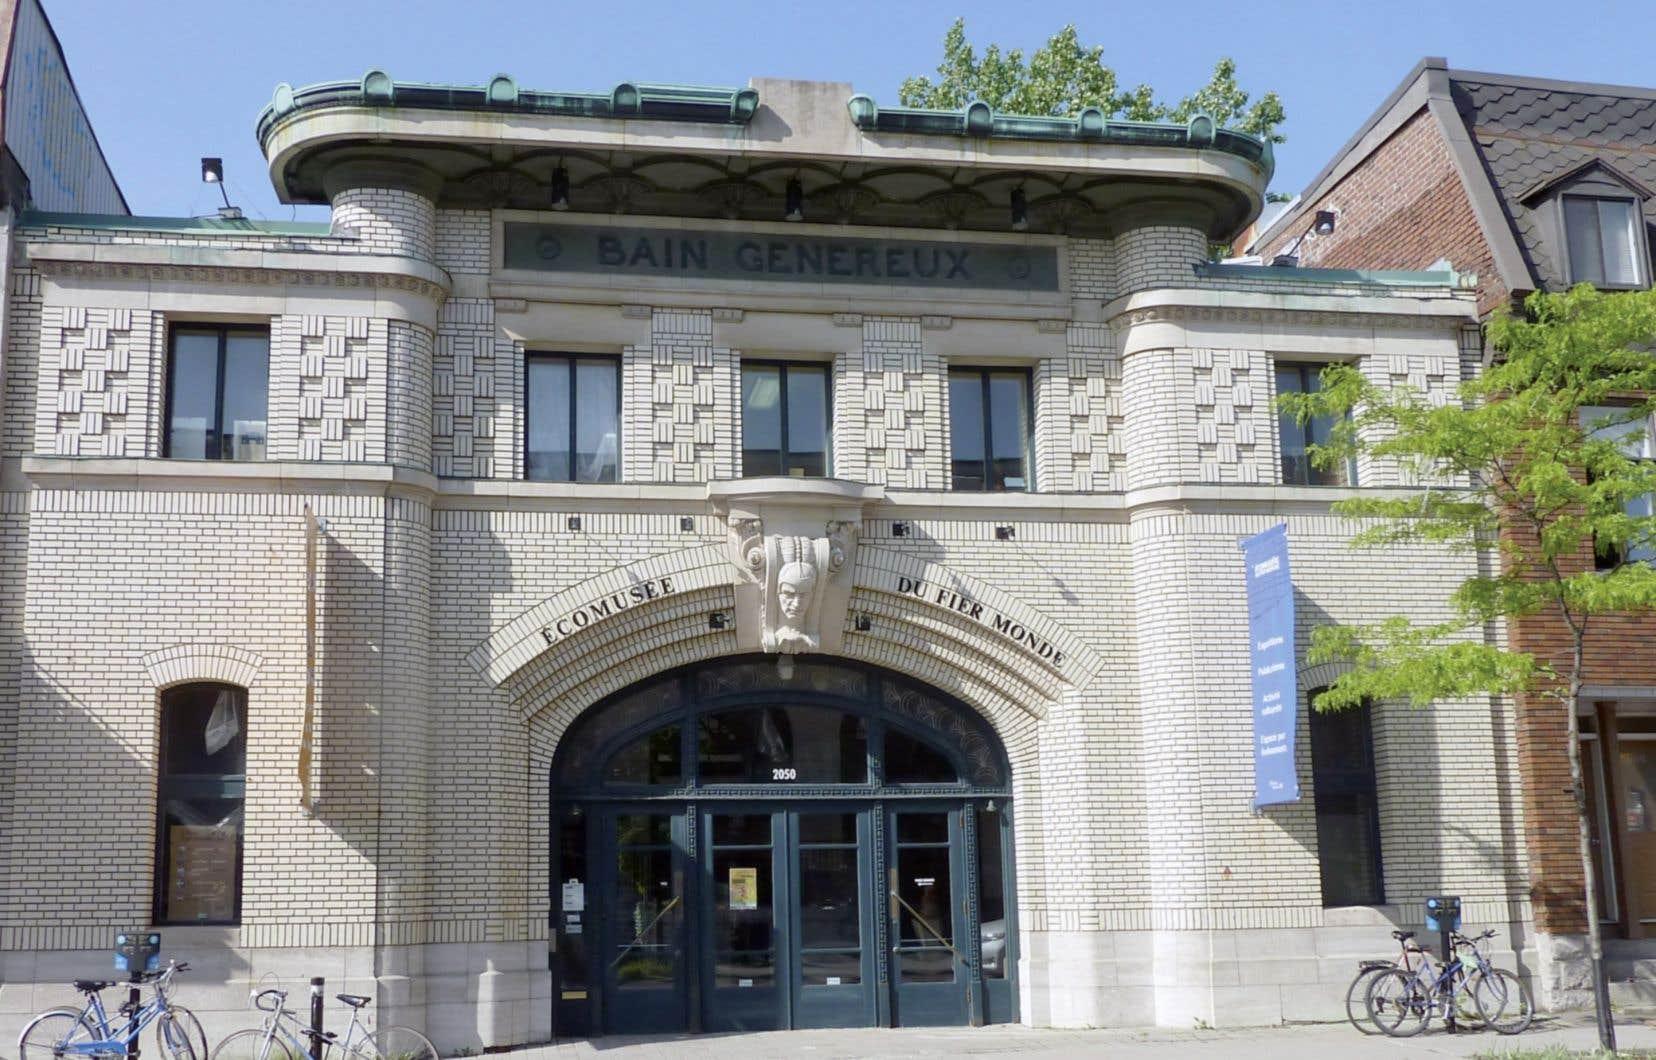 Plutôt que de voir le musée comme un bâtiment, l'Écomusée le conçoit comme un territoire en s'intéressant à ce qui se passe autour.